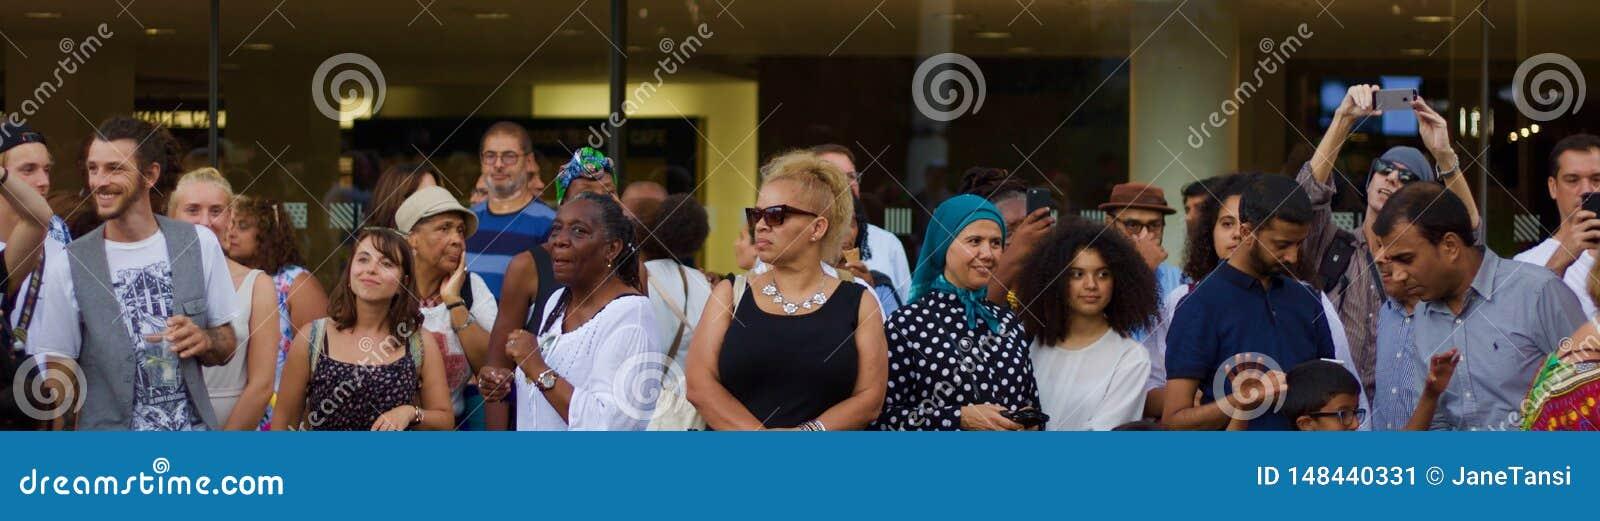 21-ое июля 2018 - Лондон, Великобритания: Аудитория на музыкальном фестивале Африки Утопии на Southbank Лондона